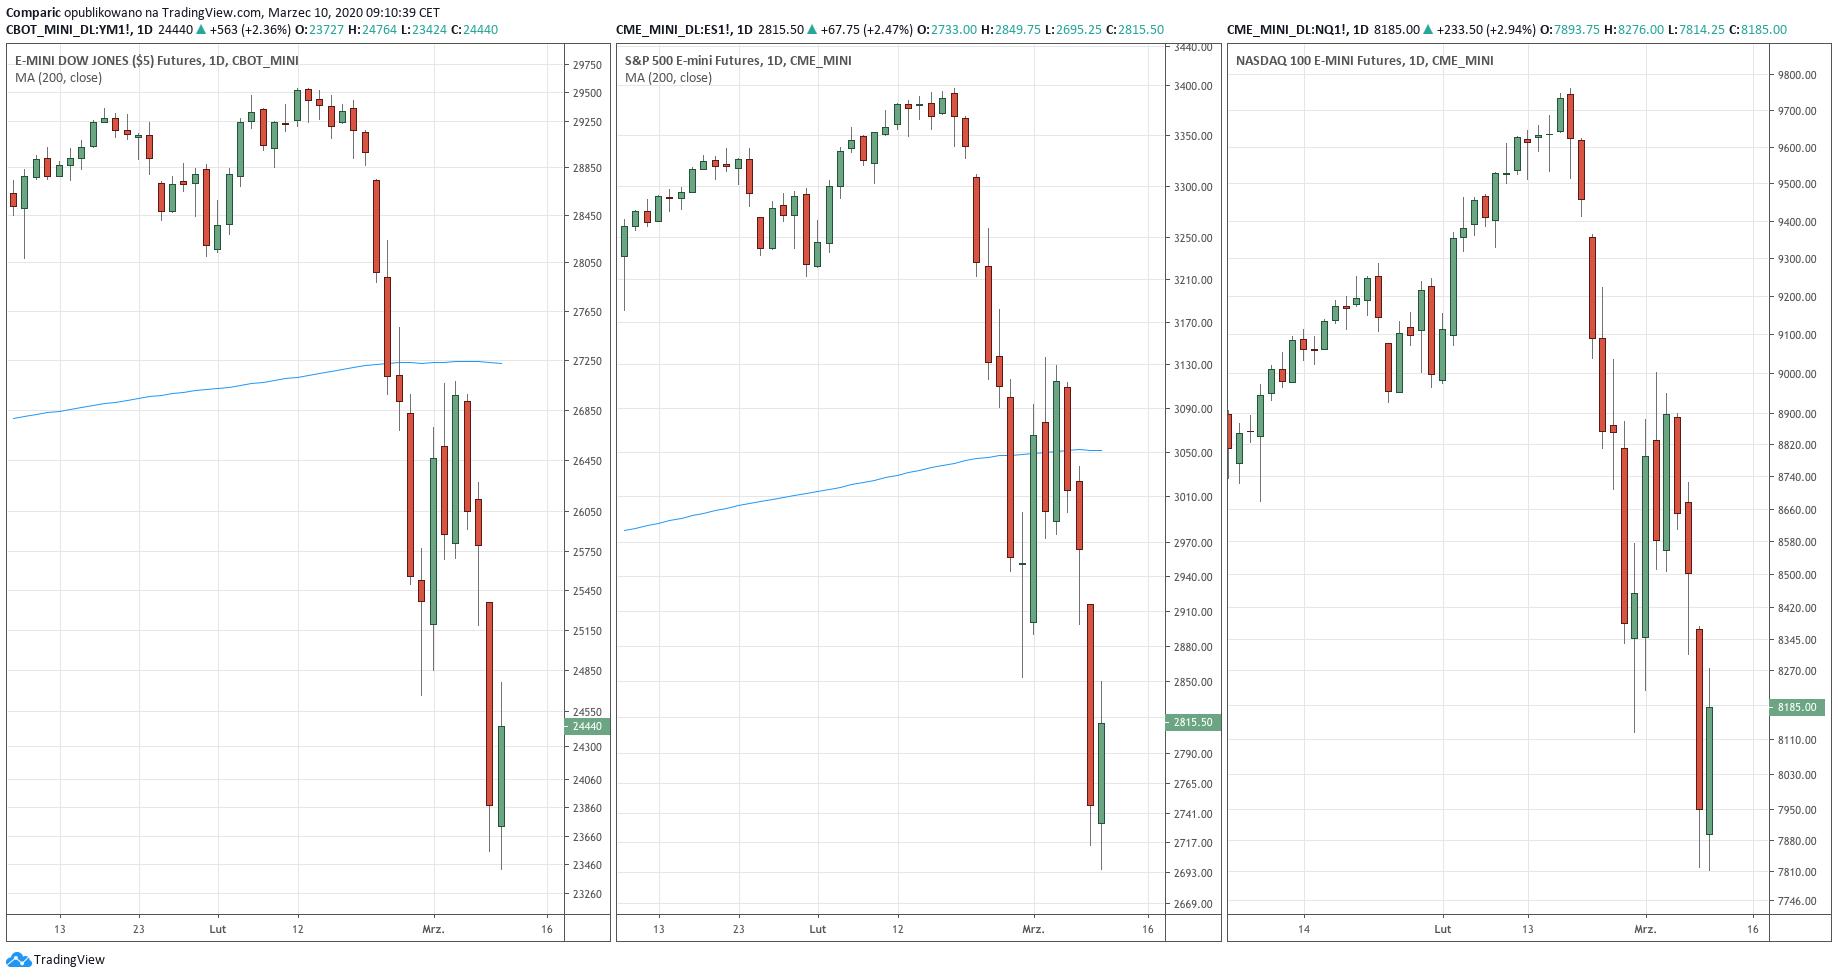 Od lewej: wykres kontraktów terminowych na indeks E-mini Dow Jones, S&P 500 oraz Nasdaq Composite - 10 marca 2020 r.